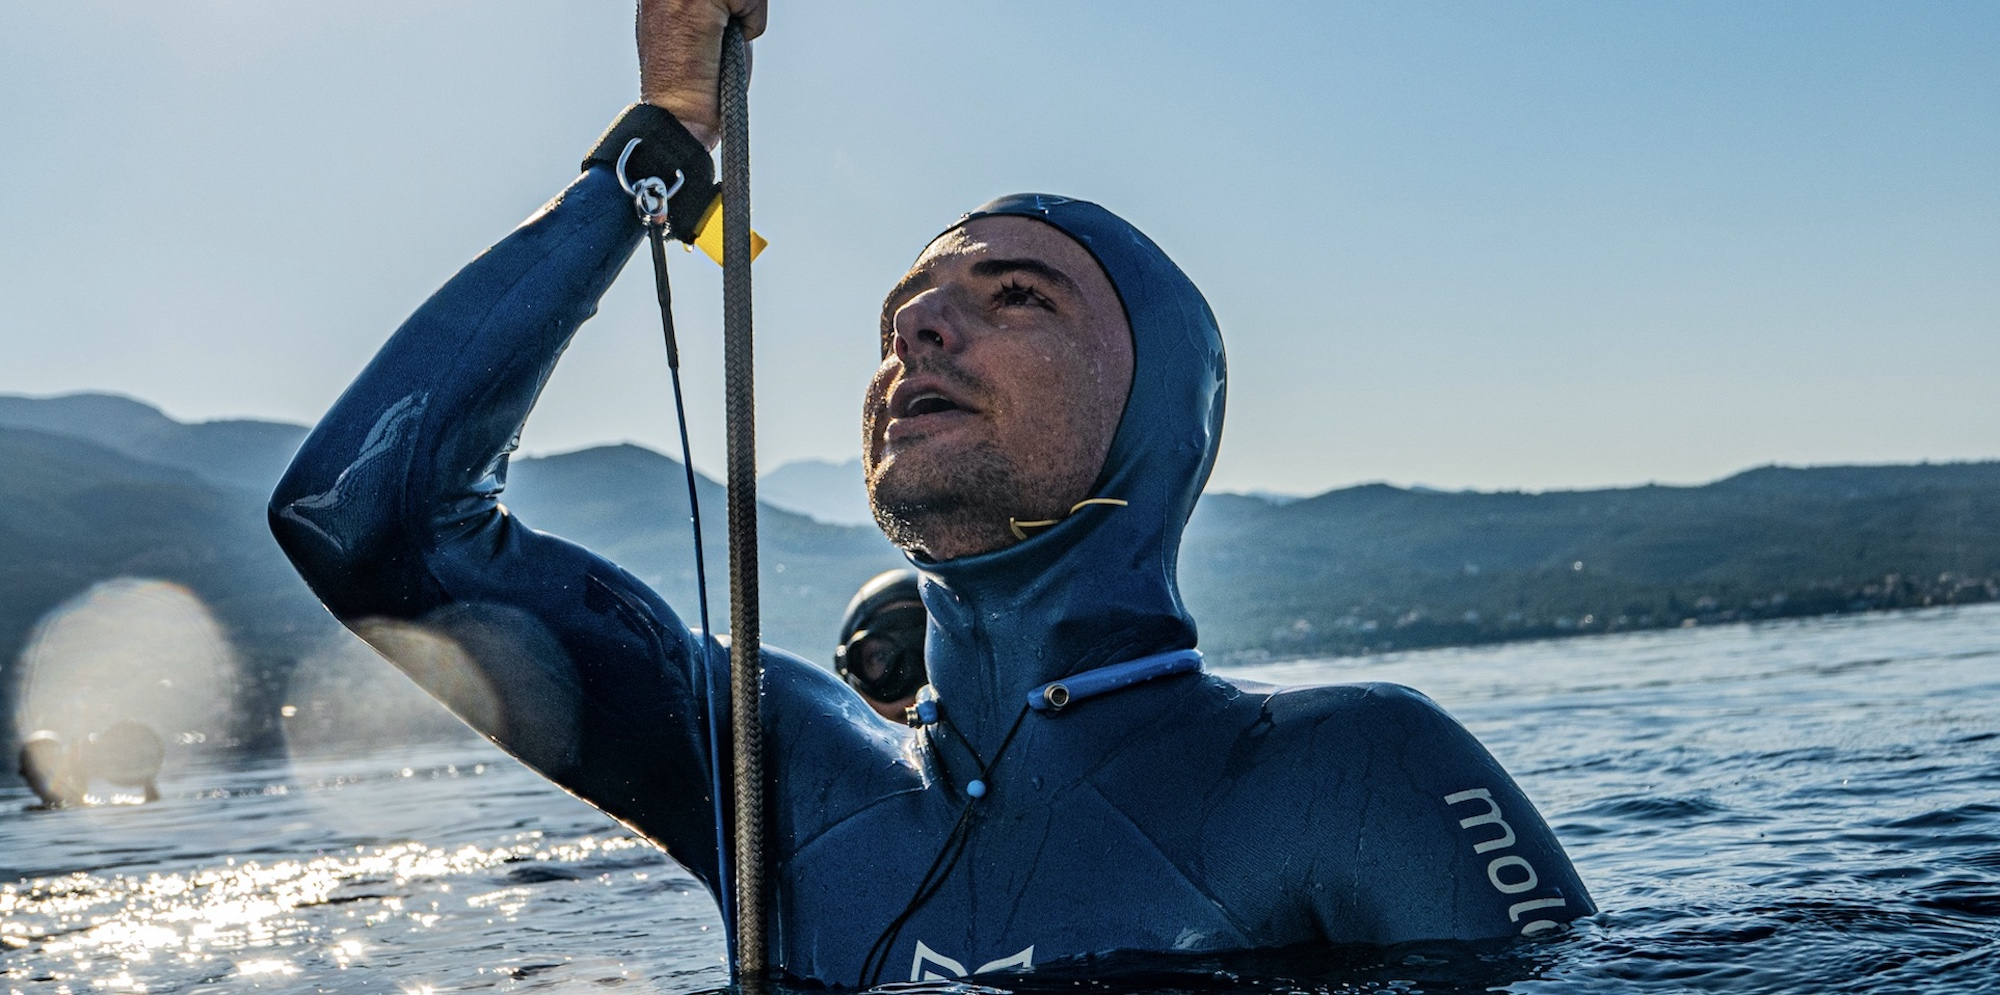 Arnaud Jérald, nouveau recordman français d'apnée